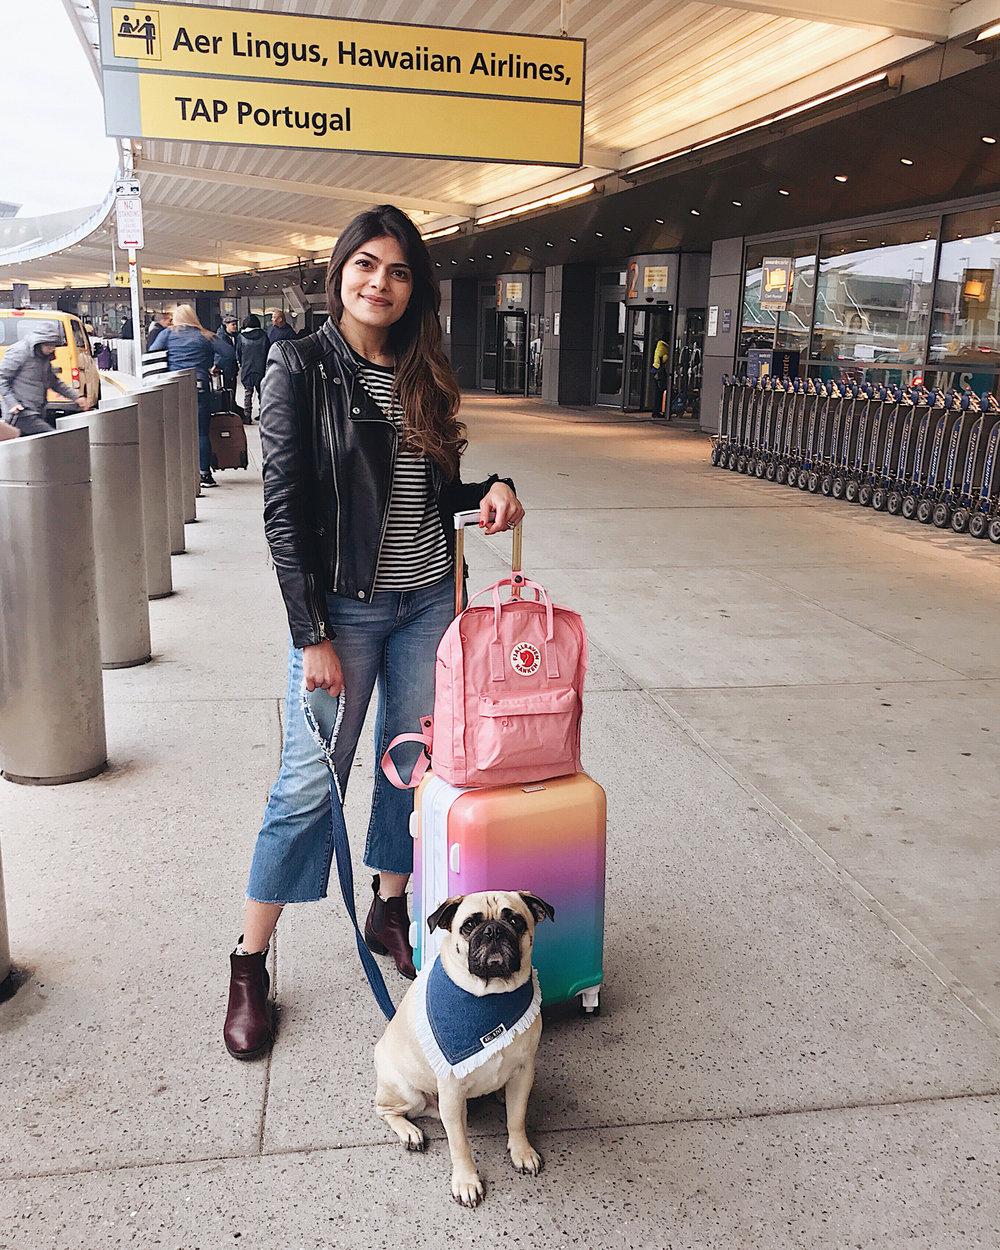 travelwithdogs-flyingwithdogs-airpotravelwithdogs-dogfriendly-travelingwithdogs-dogmom-flywithyourdog-esa-emotionalsupportnaimal-flyingwithemotionalsupport-howtofly-withyourdog-pugsonflight-dogsatairport-jetsetterdog-newyorkdog.jpg